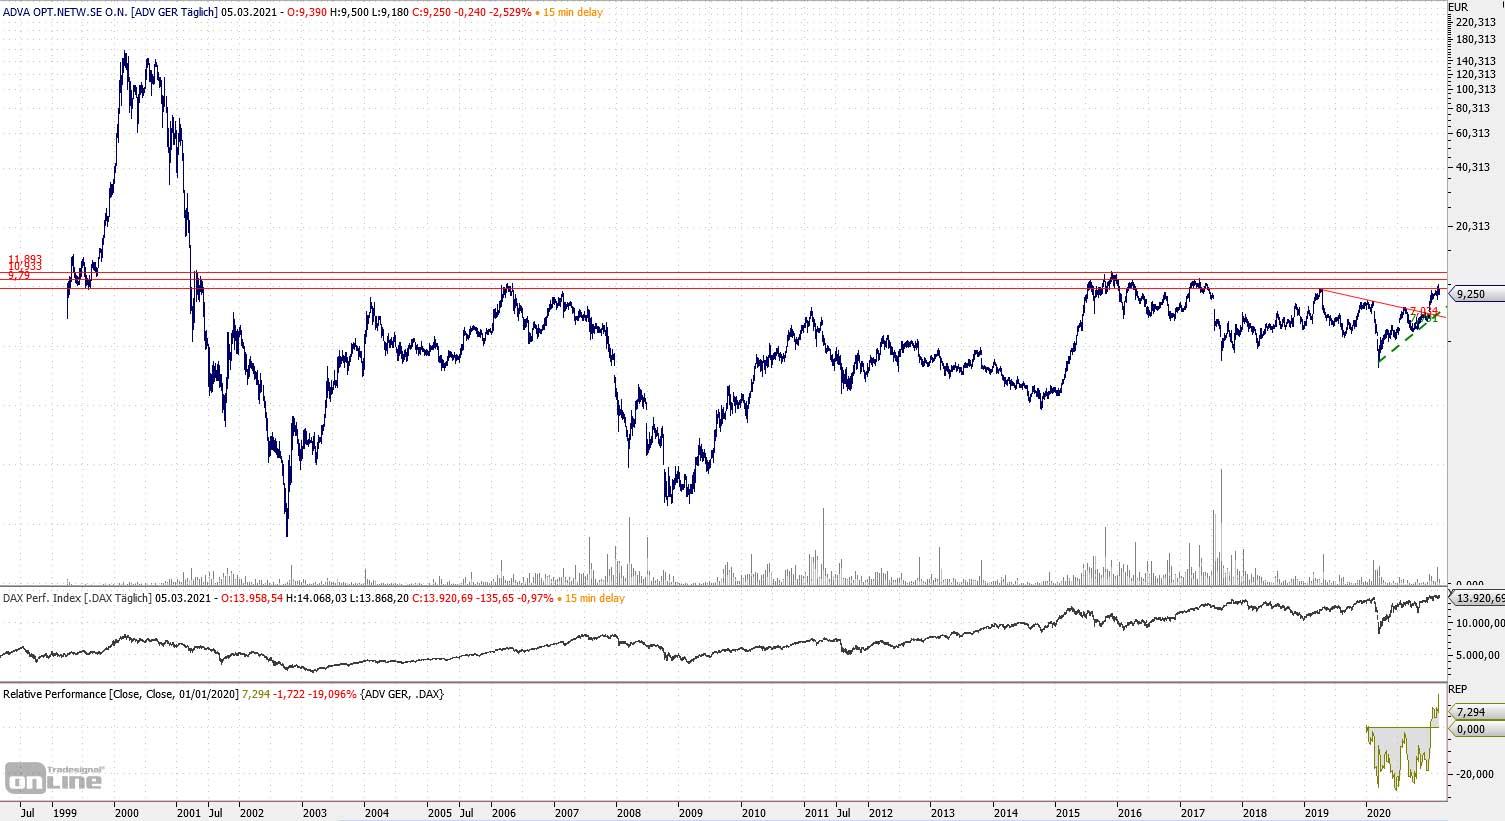 Chart von ADVA Optical Network seit dem Börsengang